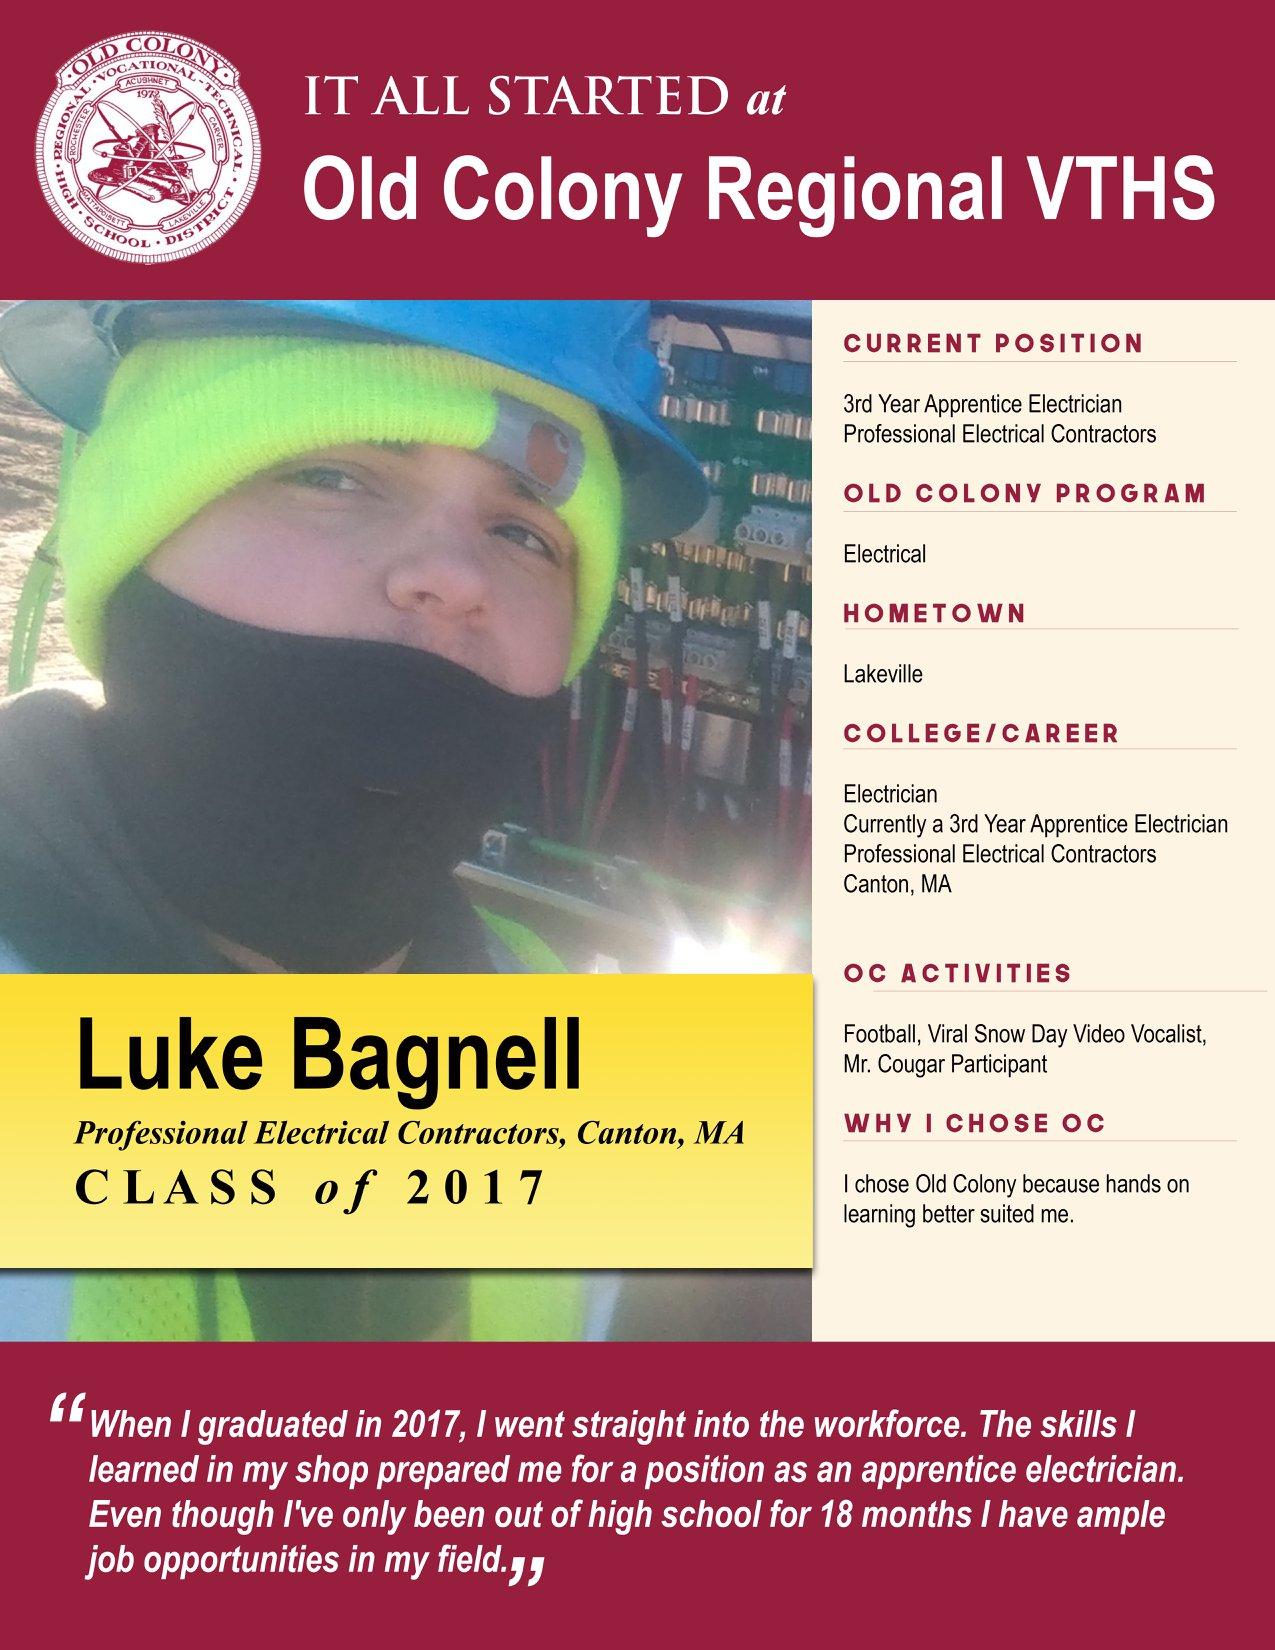 LukeBagnell